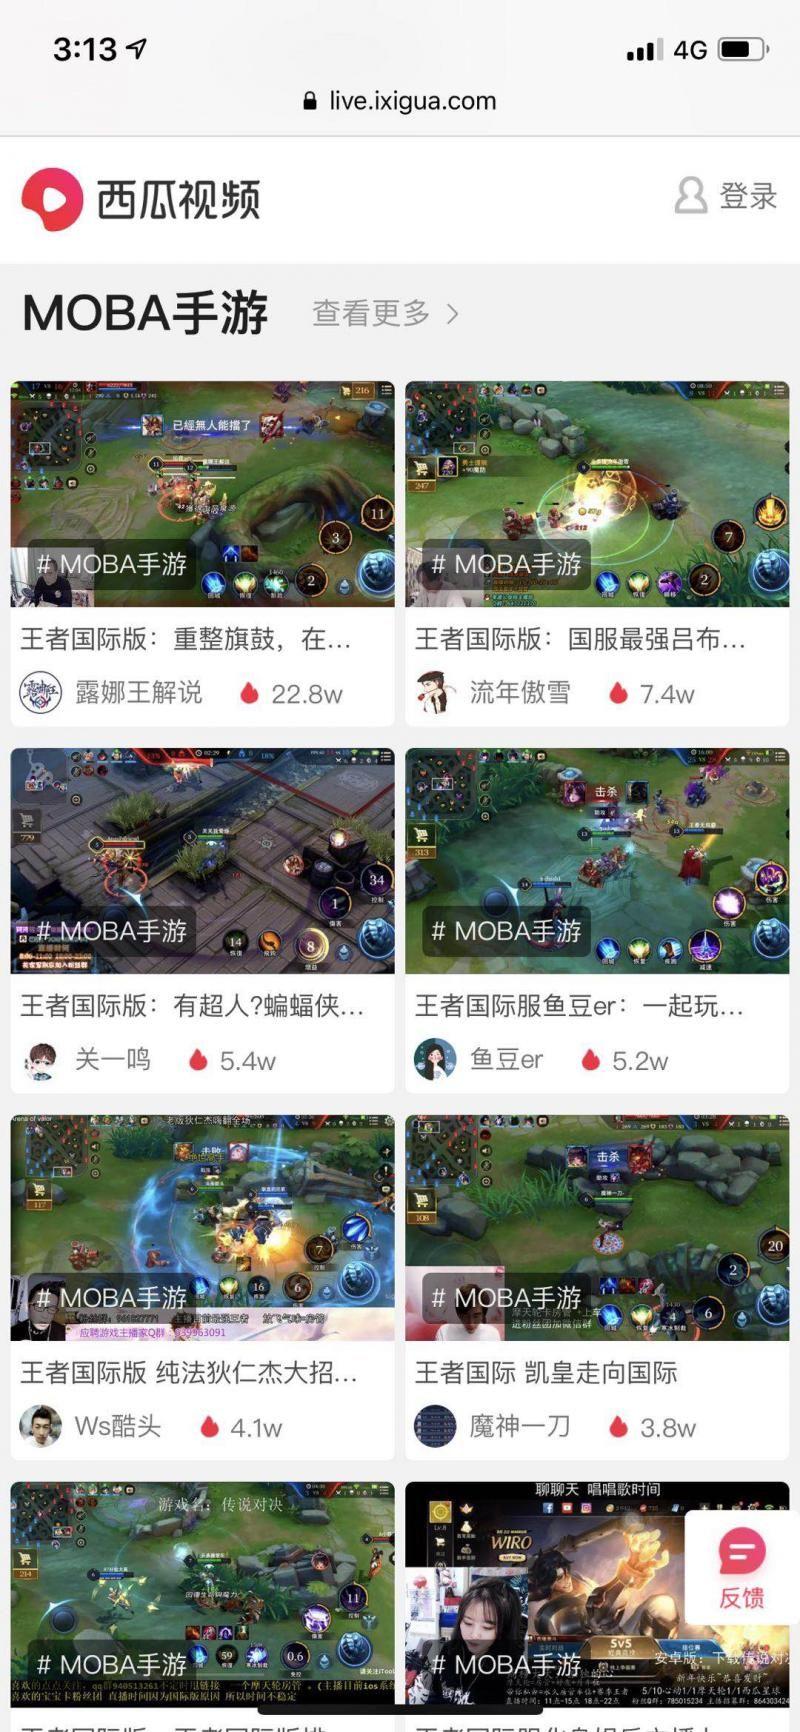 北京头条客户端图根据工信部最新公布的2018年17月互联网和